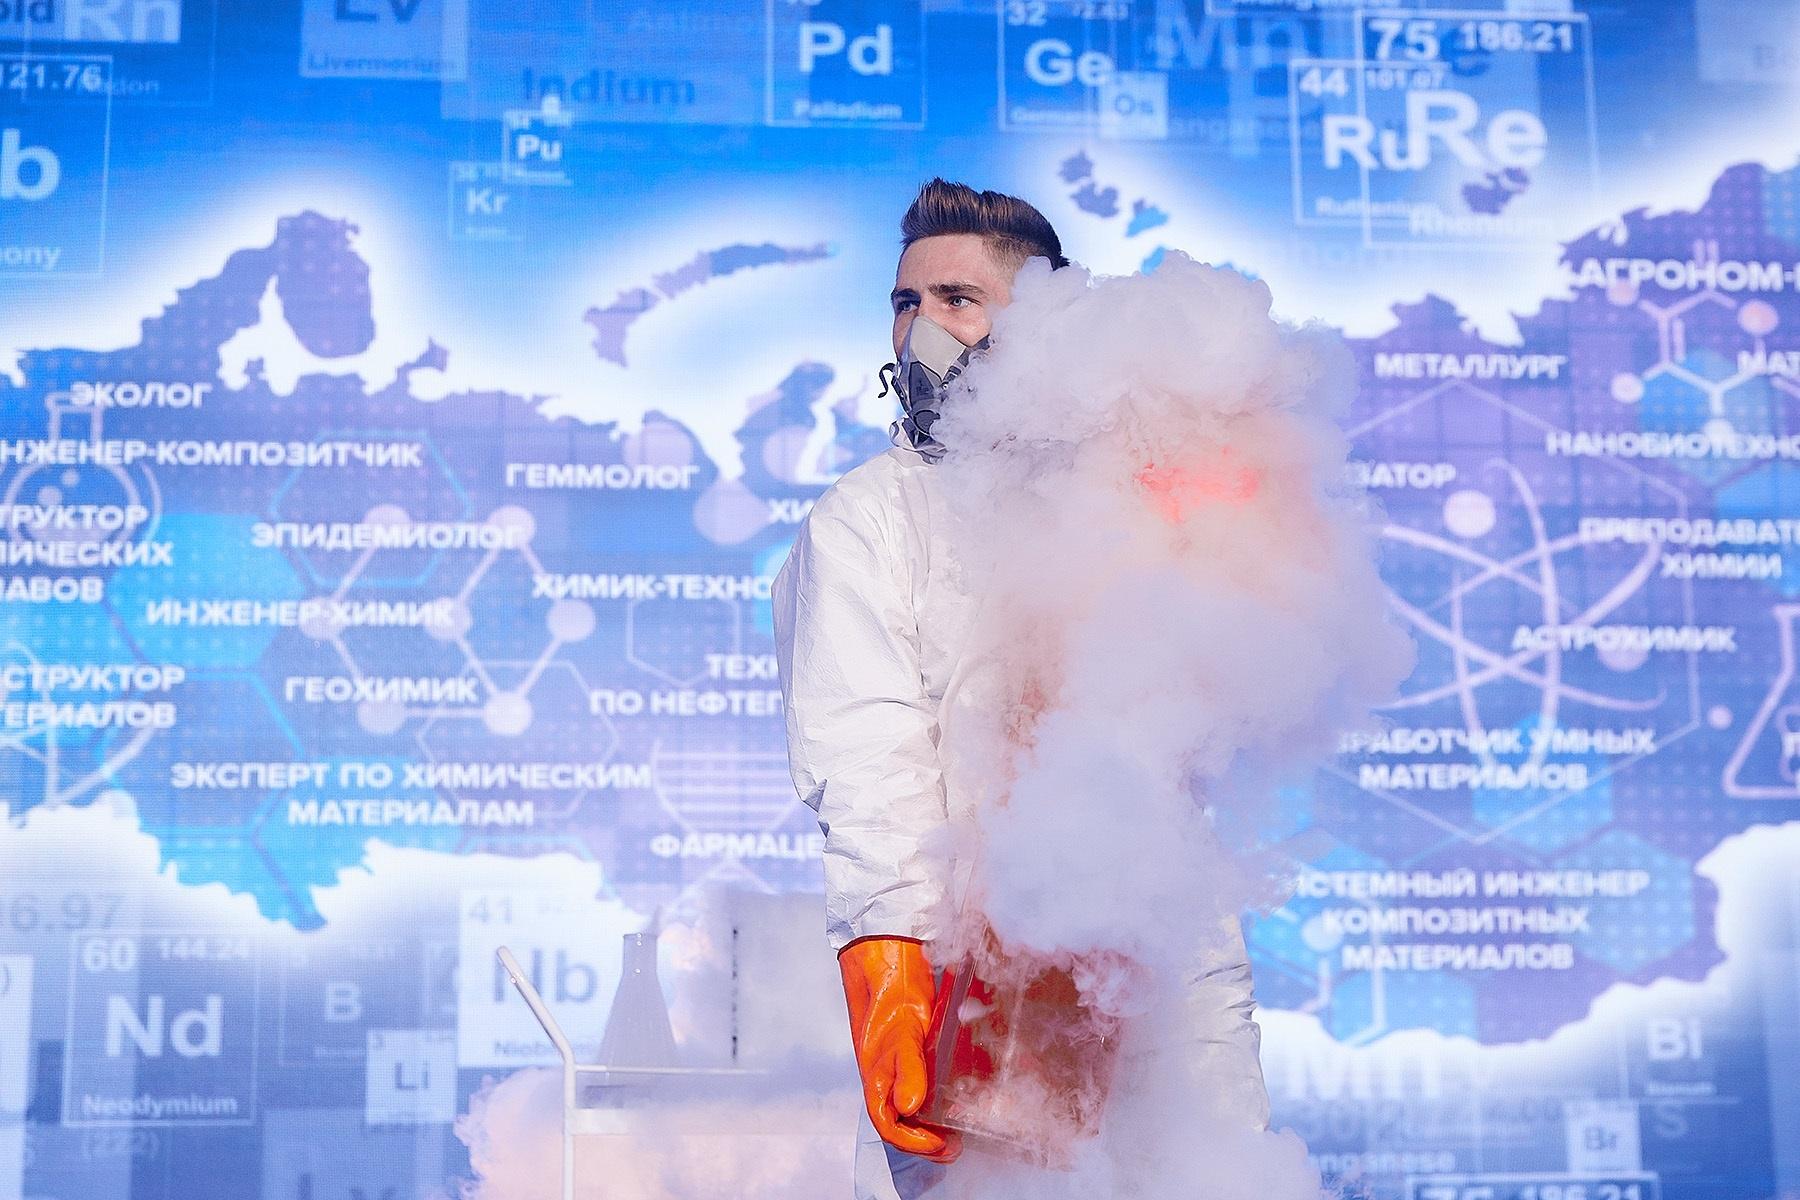 Школьники узнали секреты Таблицы Менделеева на Всероссийском открытом уроке по химии